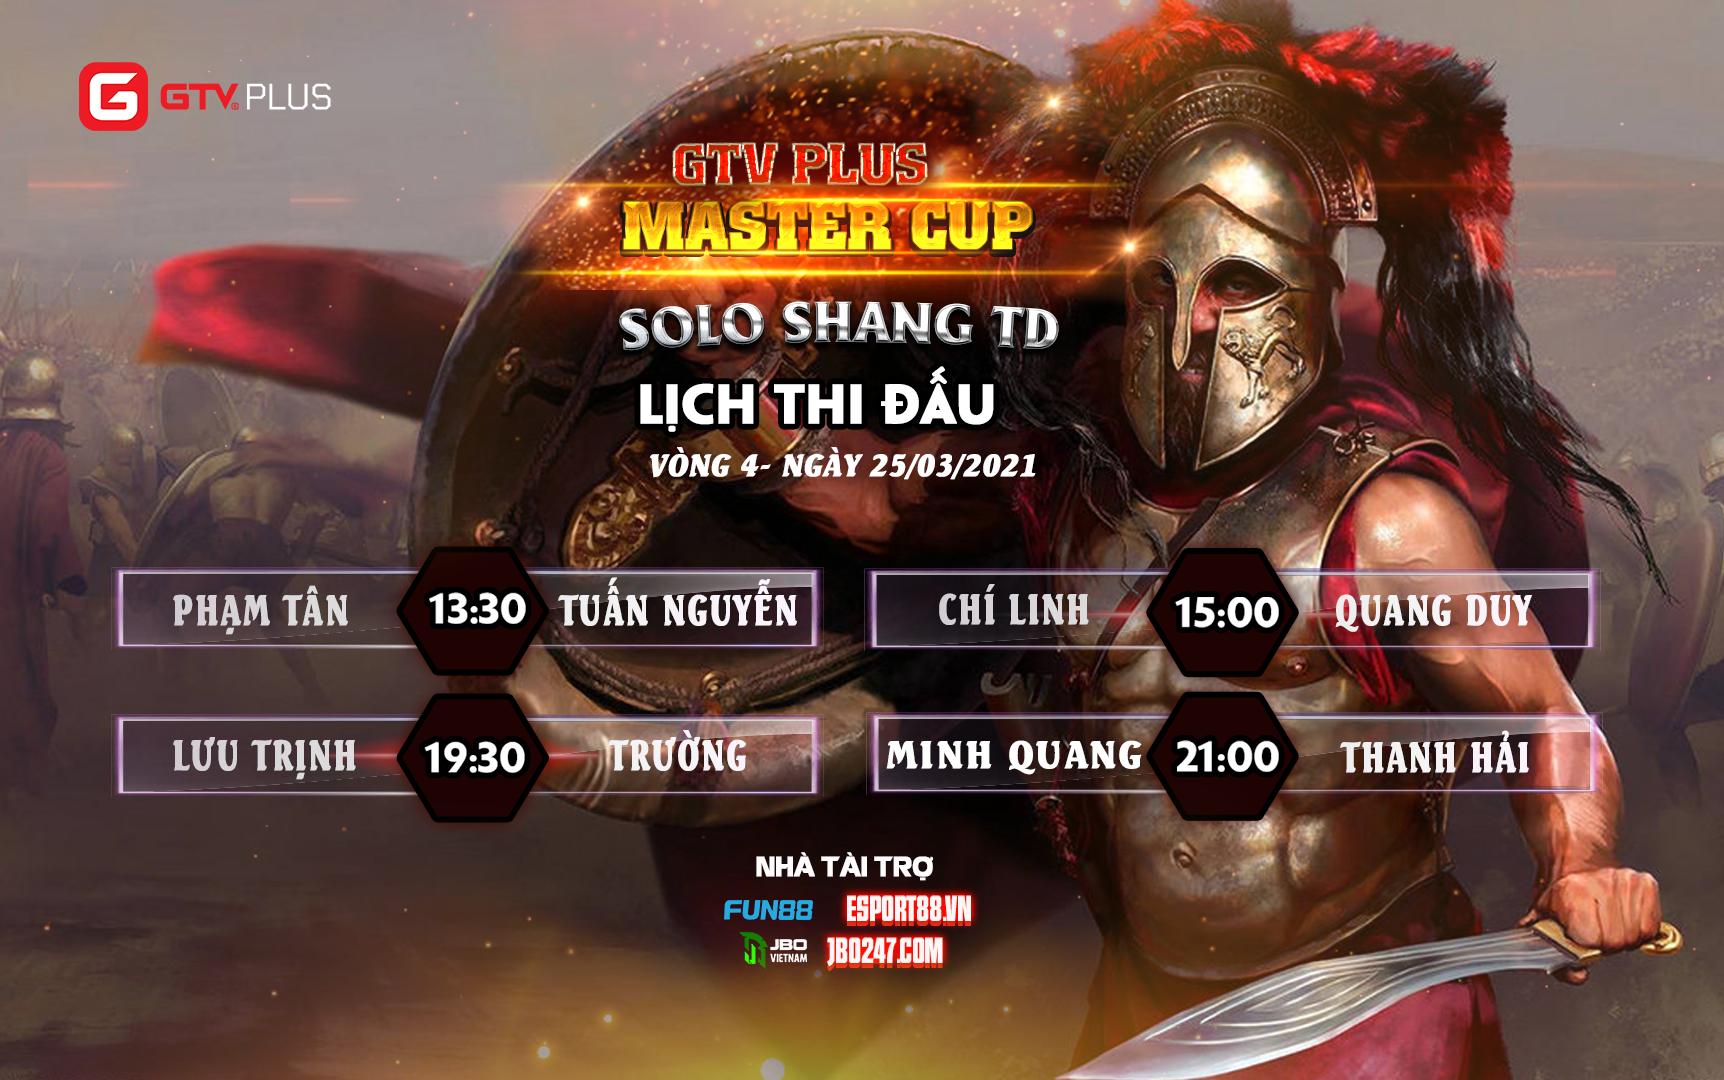 Lịch thi đấu ngày thi đấu ngày 25 tháng 3 Giải đấu GTV Plus Master Cup 2021